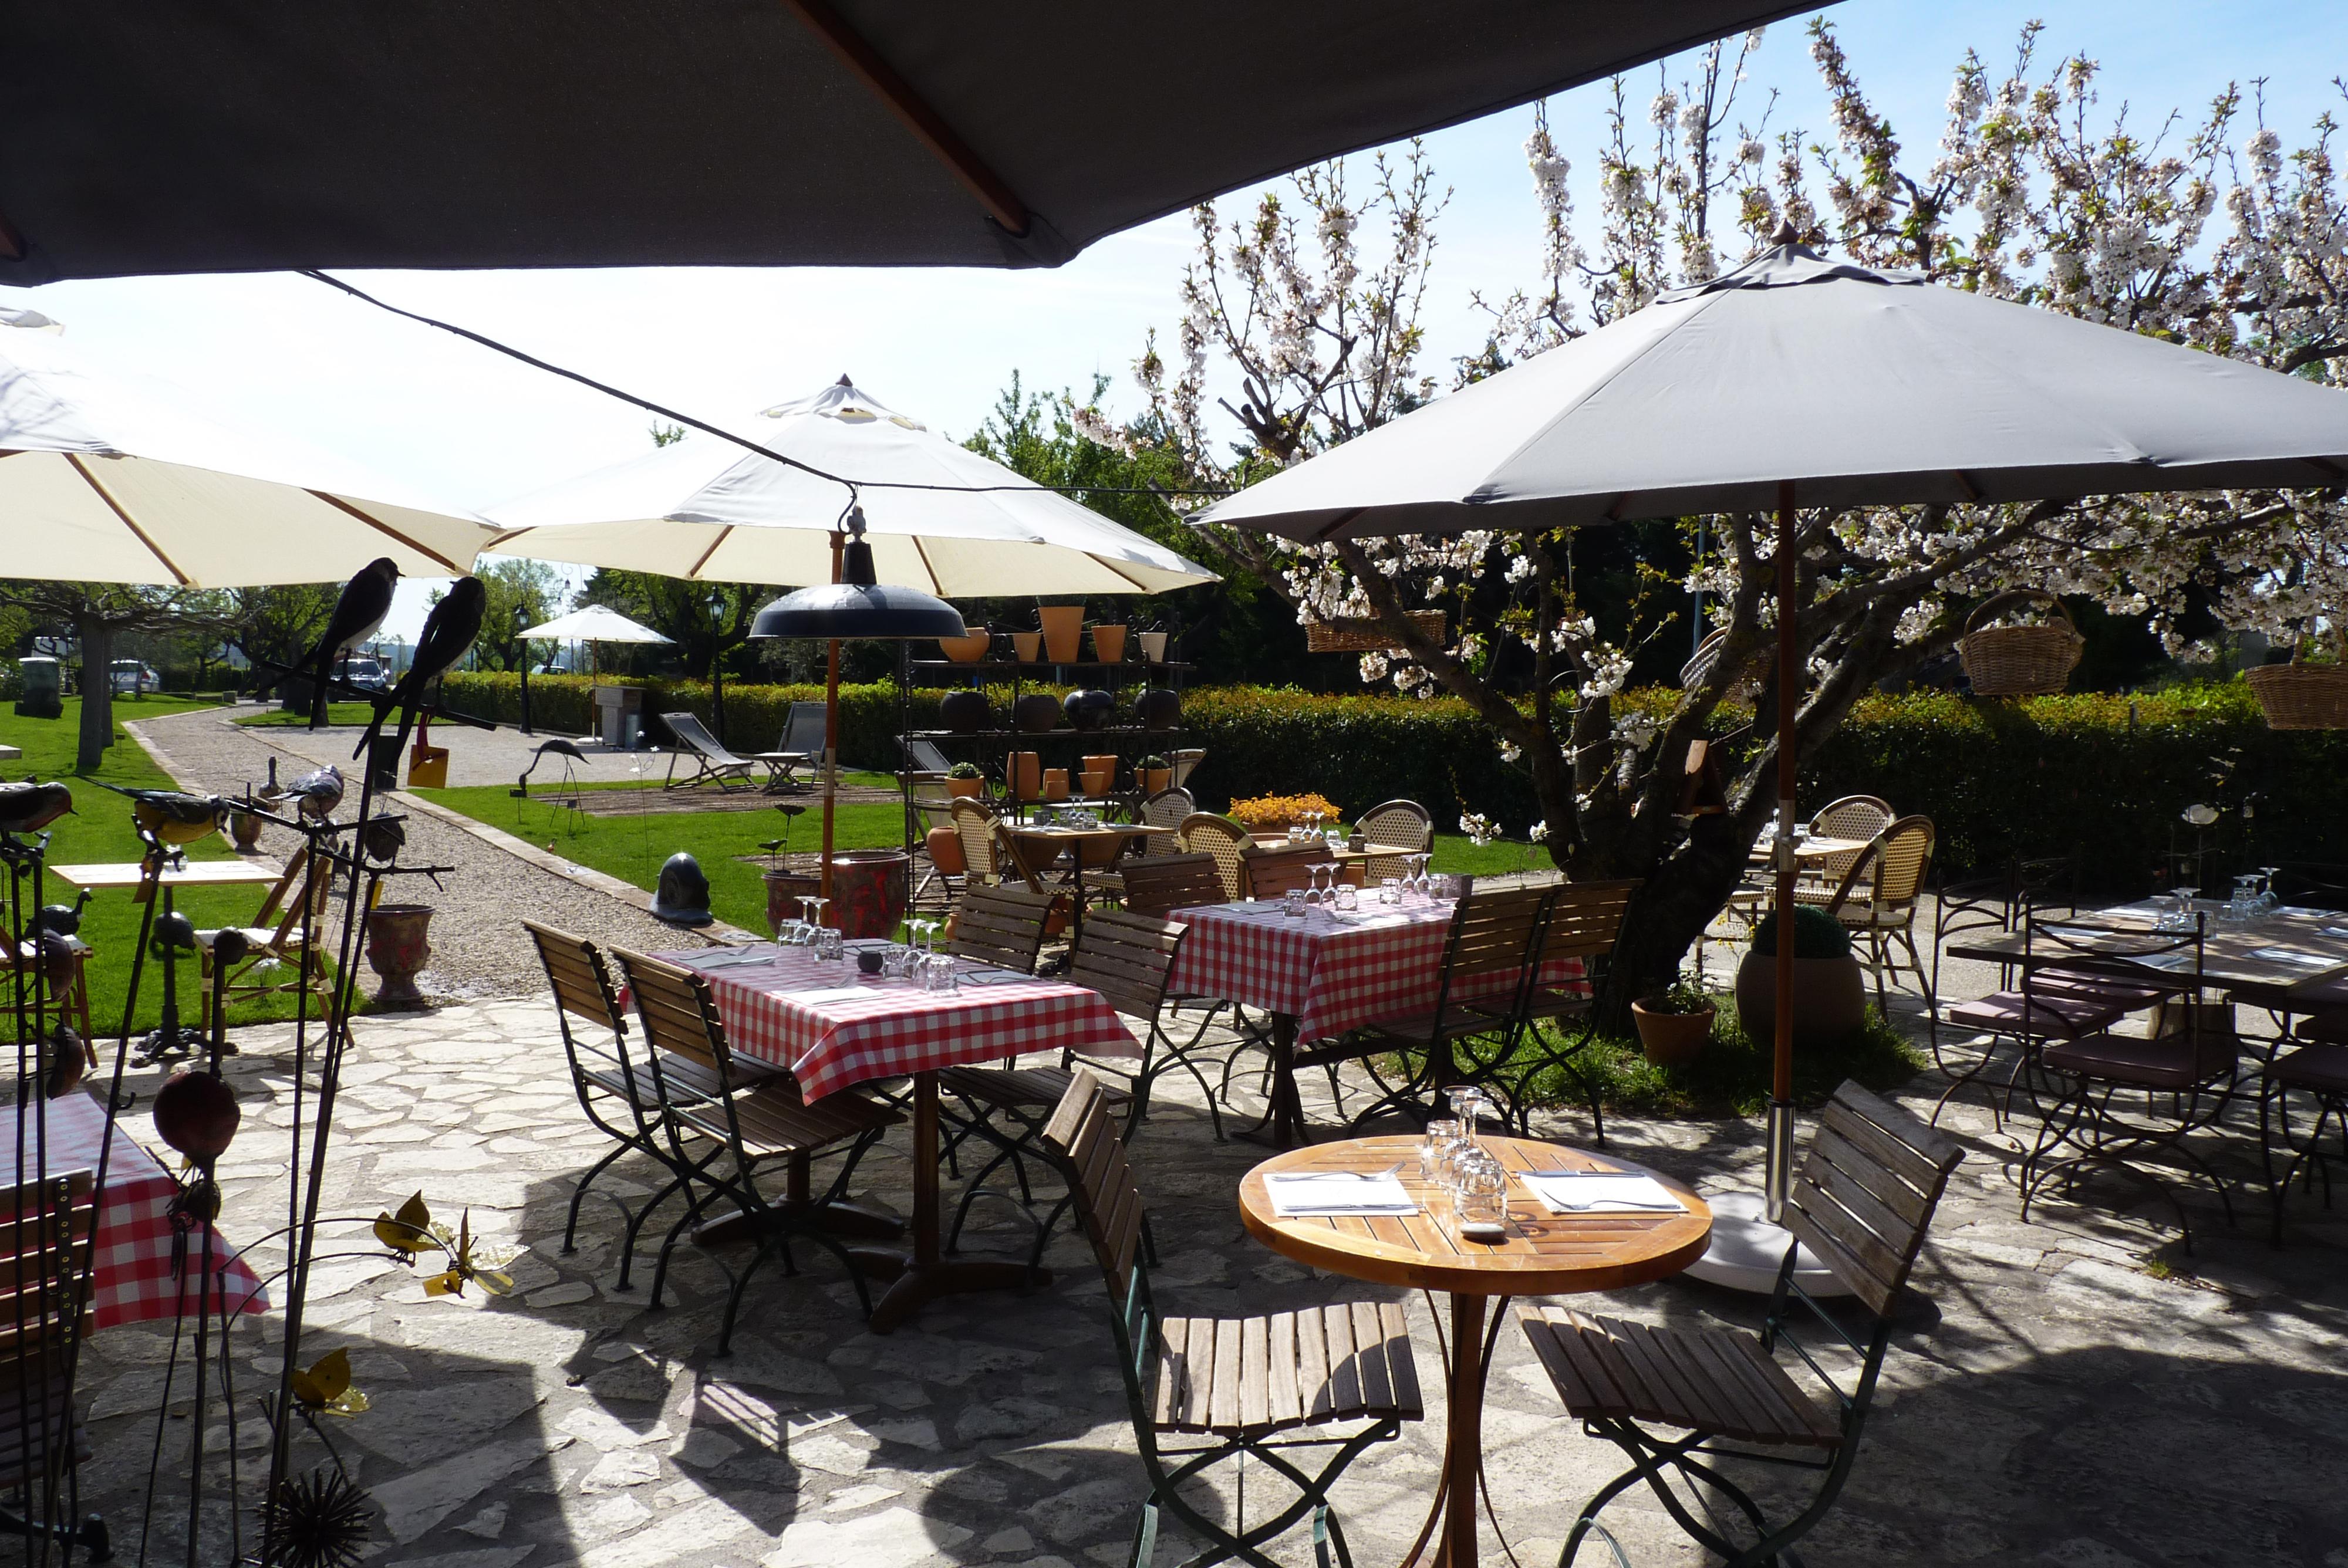 Restaurant aux ateliers chez franck et flo office de - Office de tourisme maussane les alpilles ...